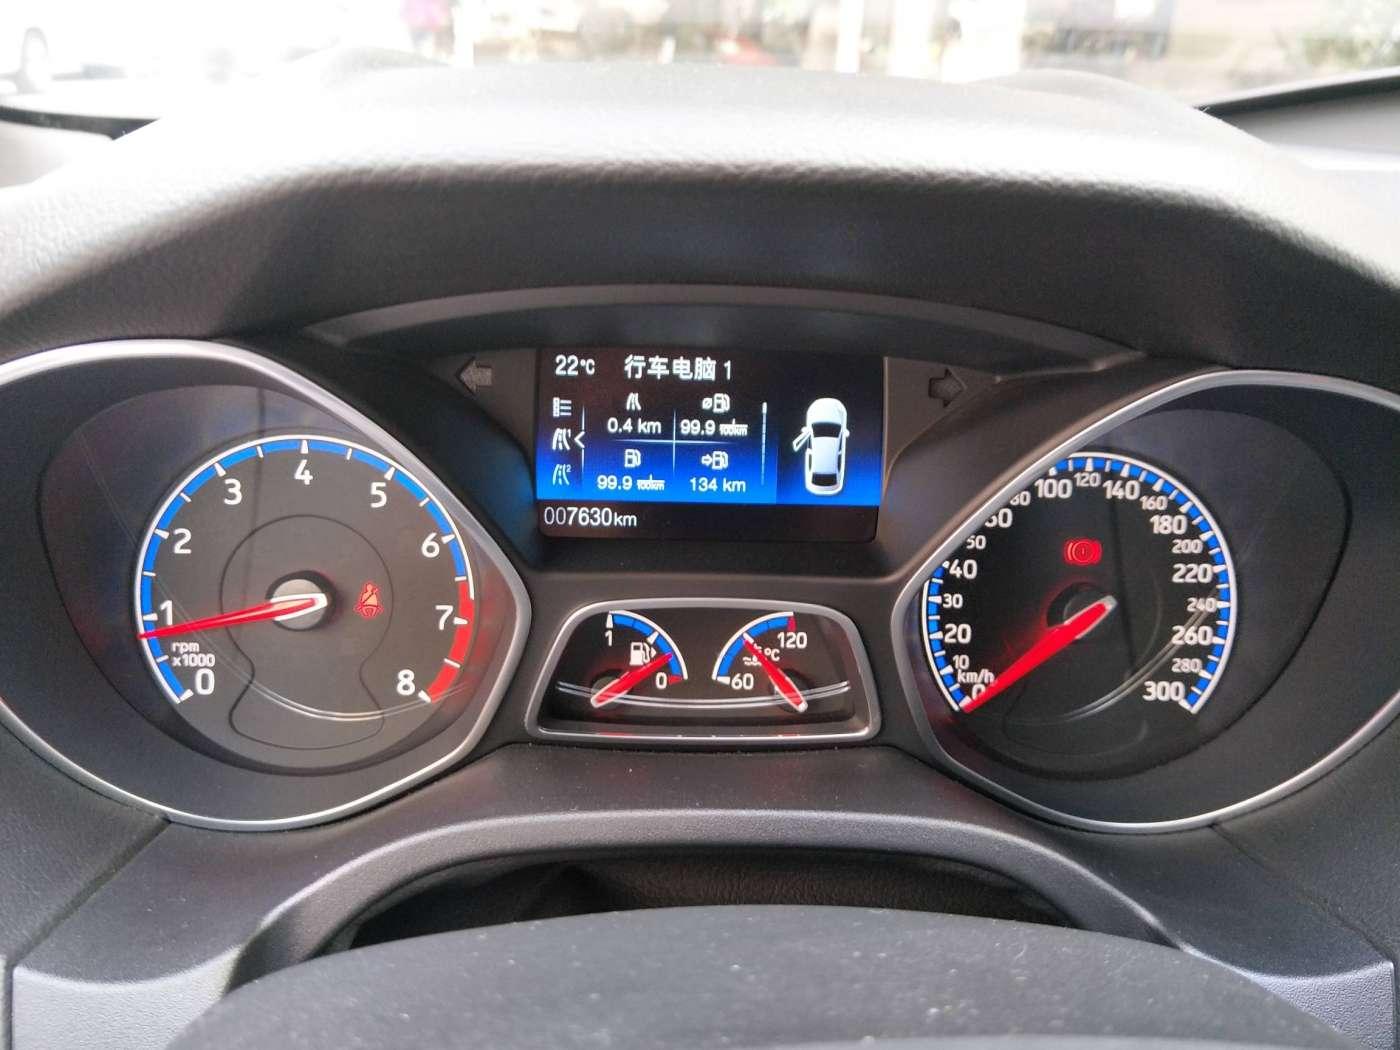 2017年05月 福特 2016款 福克斯(进口) 2.3T RS 赛道版|甄选福特-北京卡斯基汽车服务有限公司